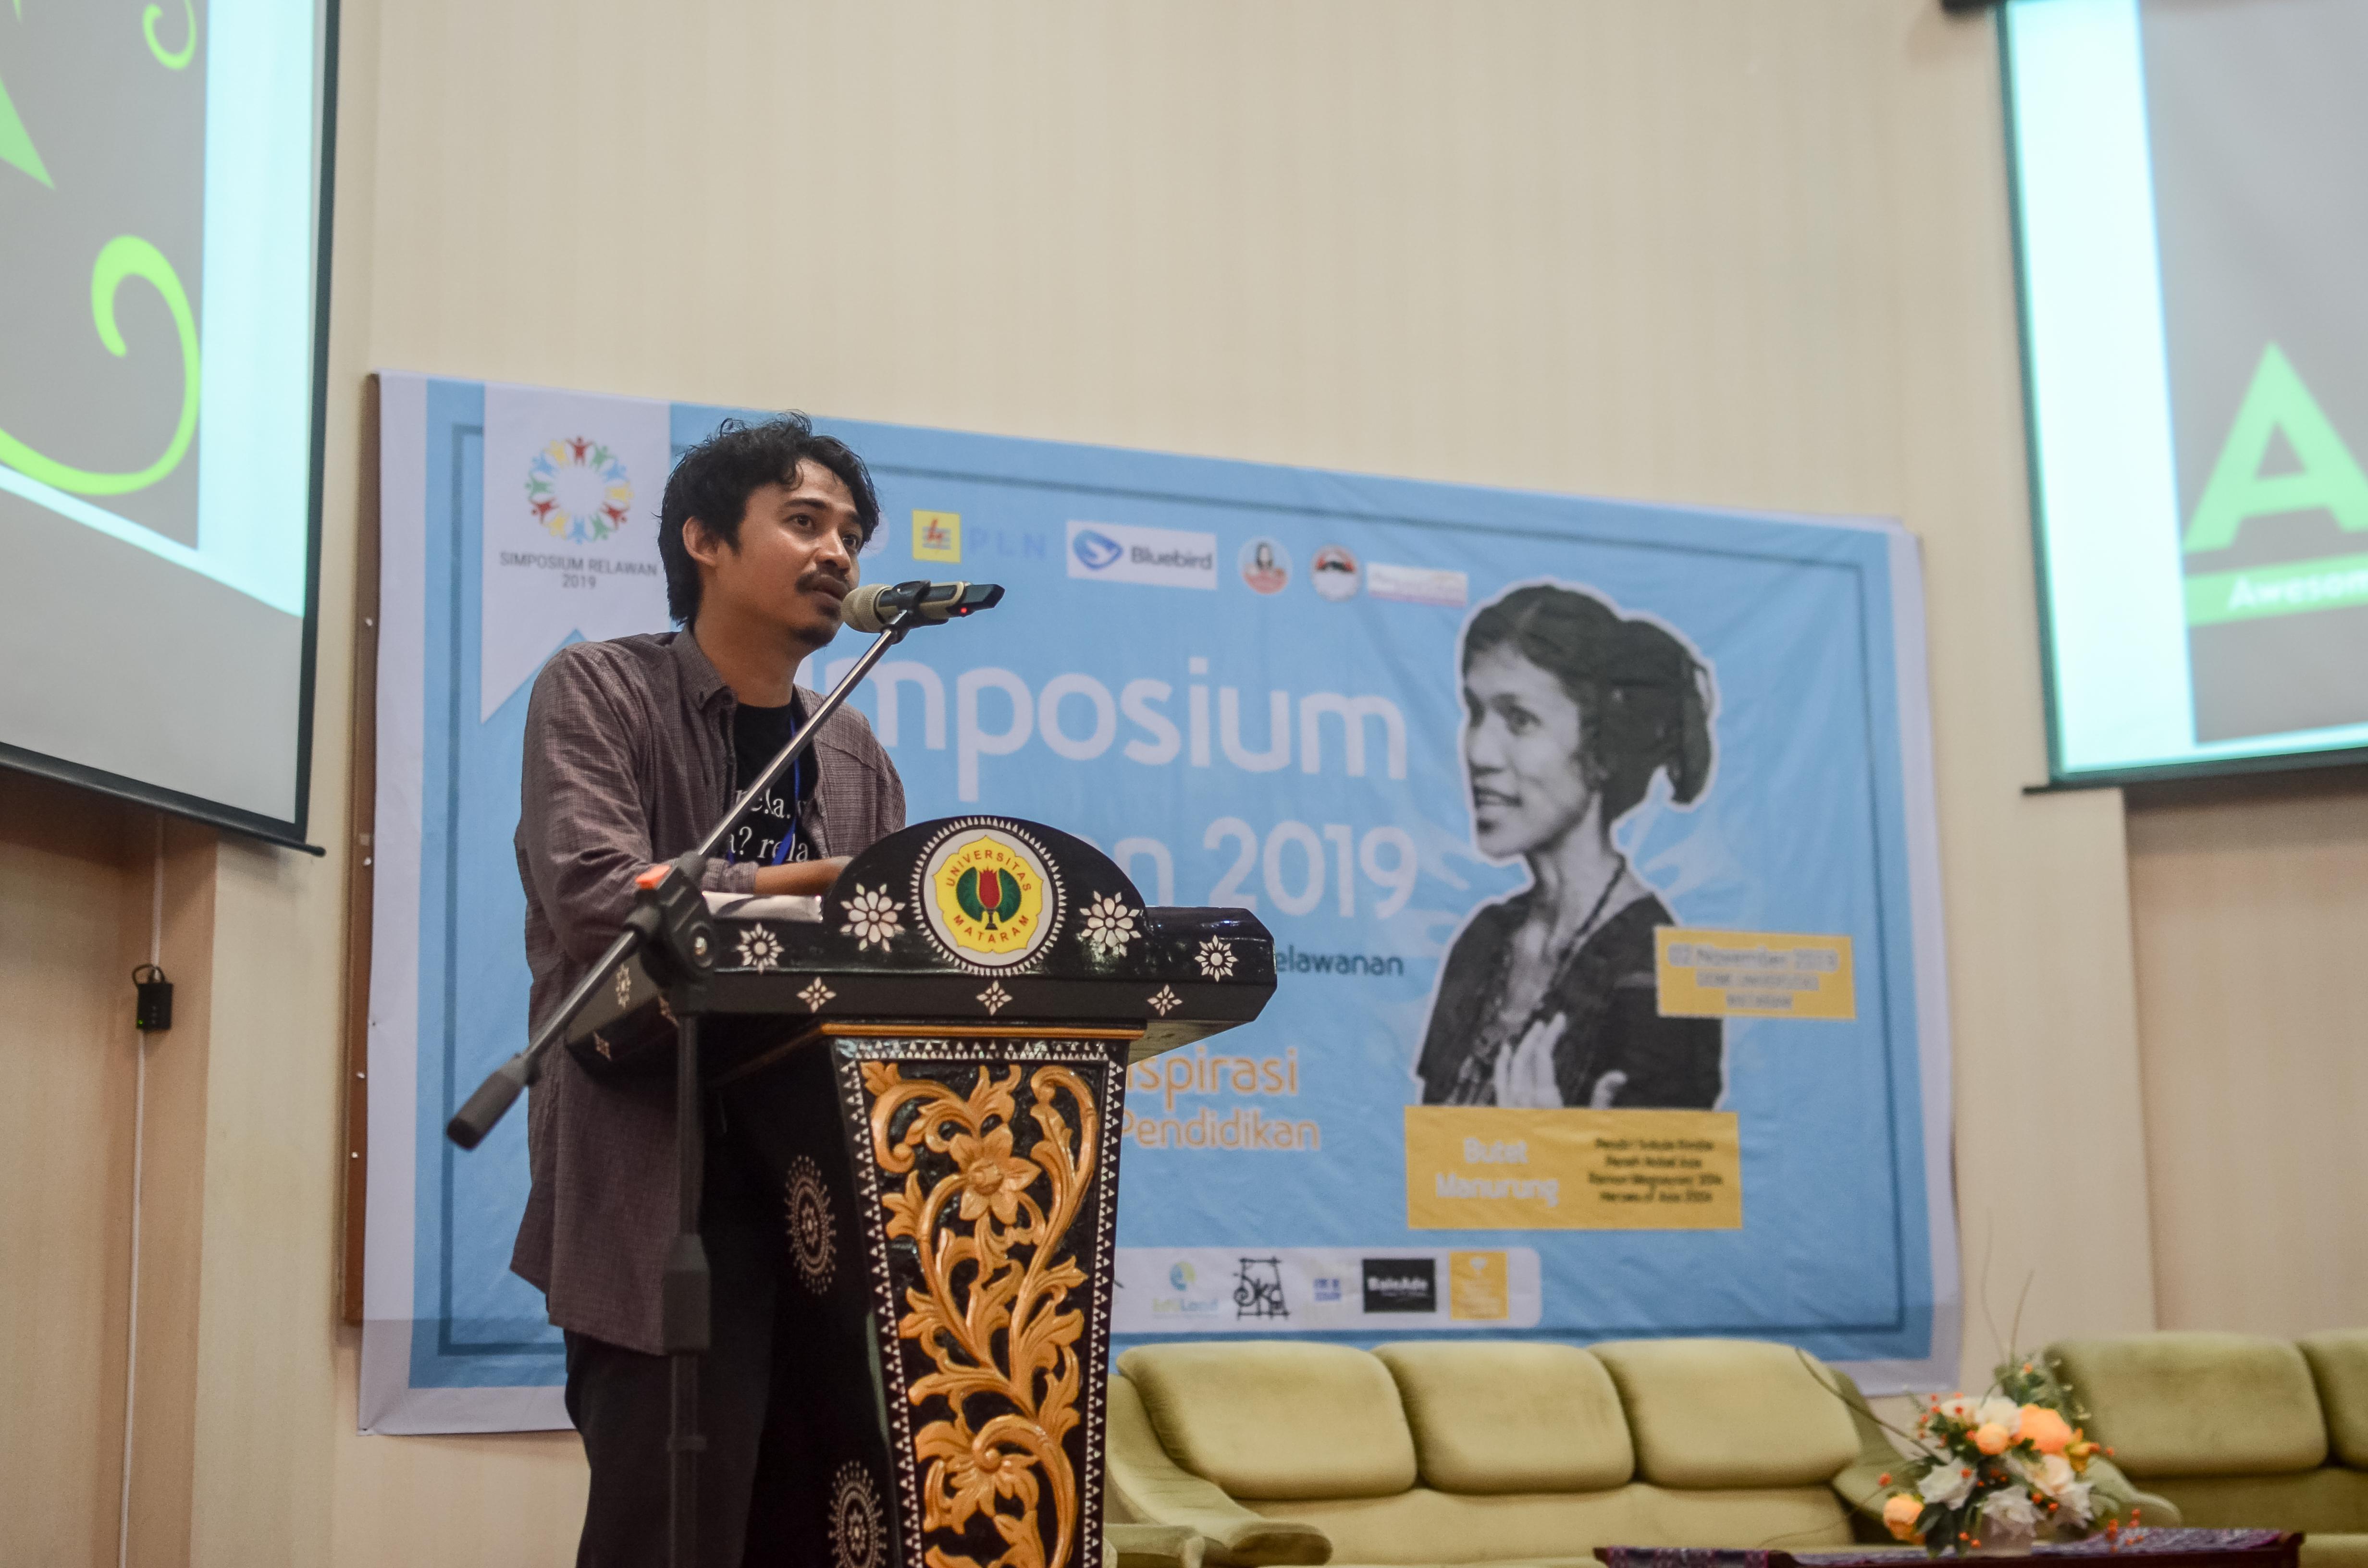 Ahmad Junaidi di Simposium Relawan bersama Butet Manurung di Universitas Mataram. Sumber: Dokumentasi pribadi